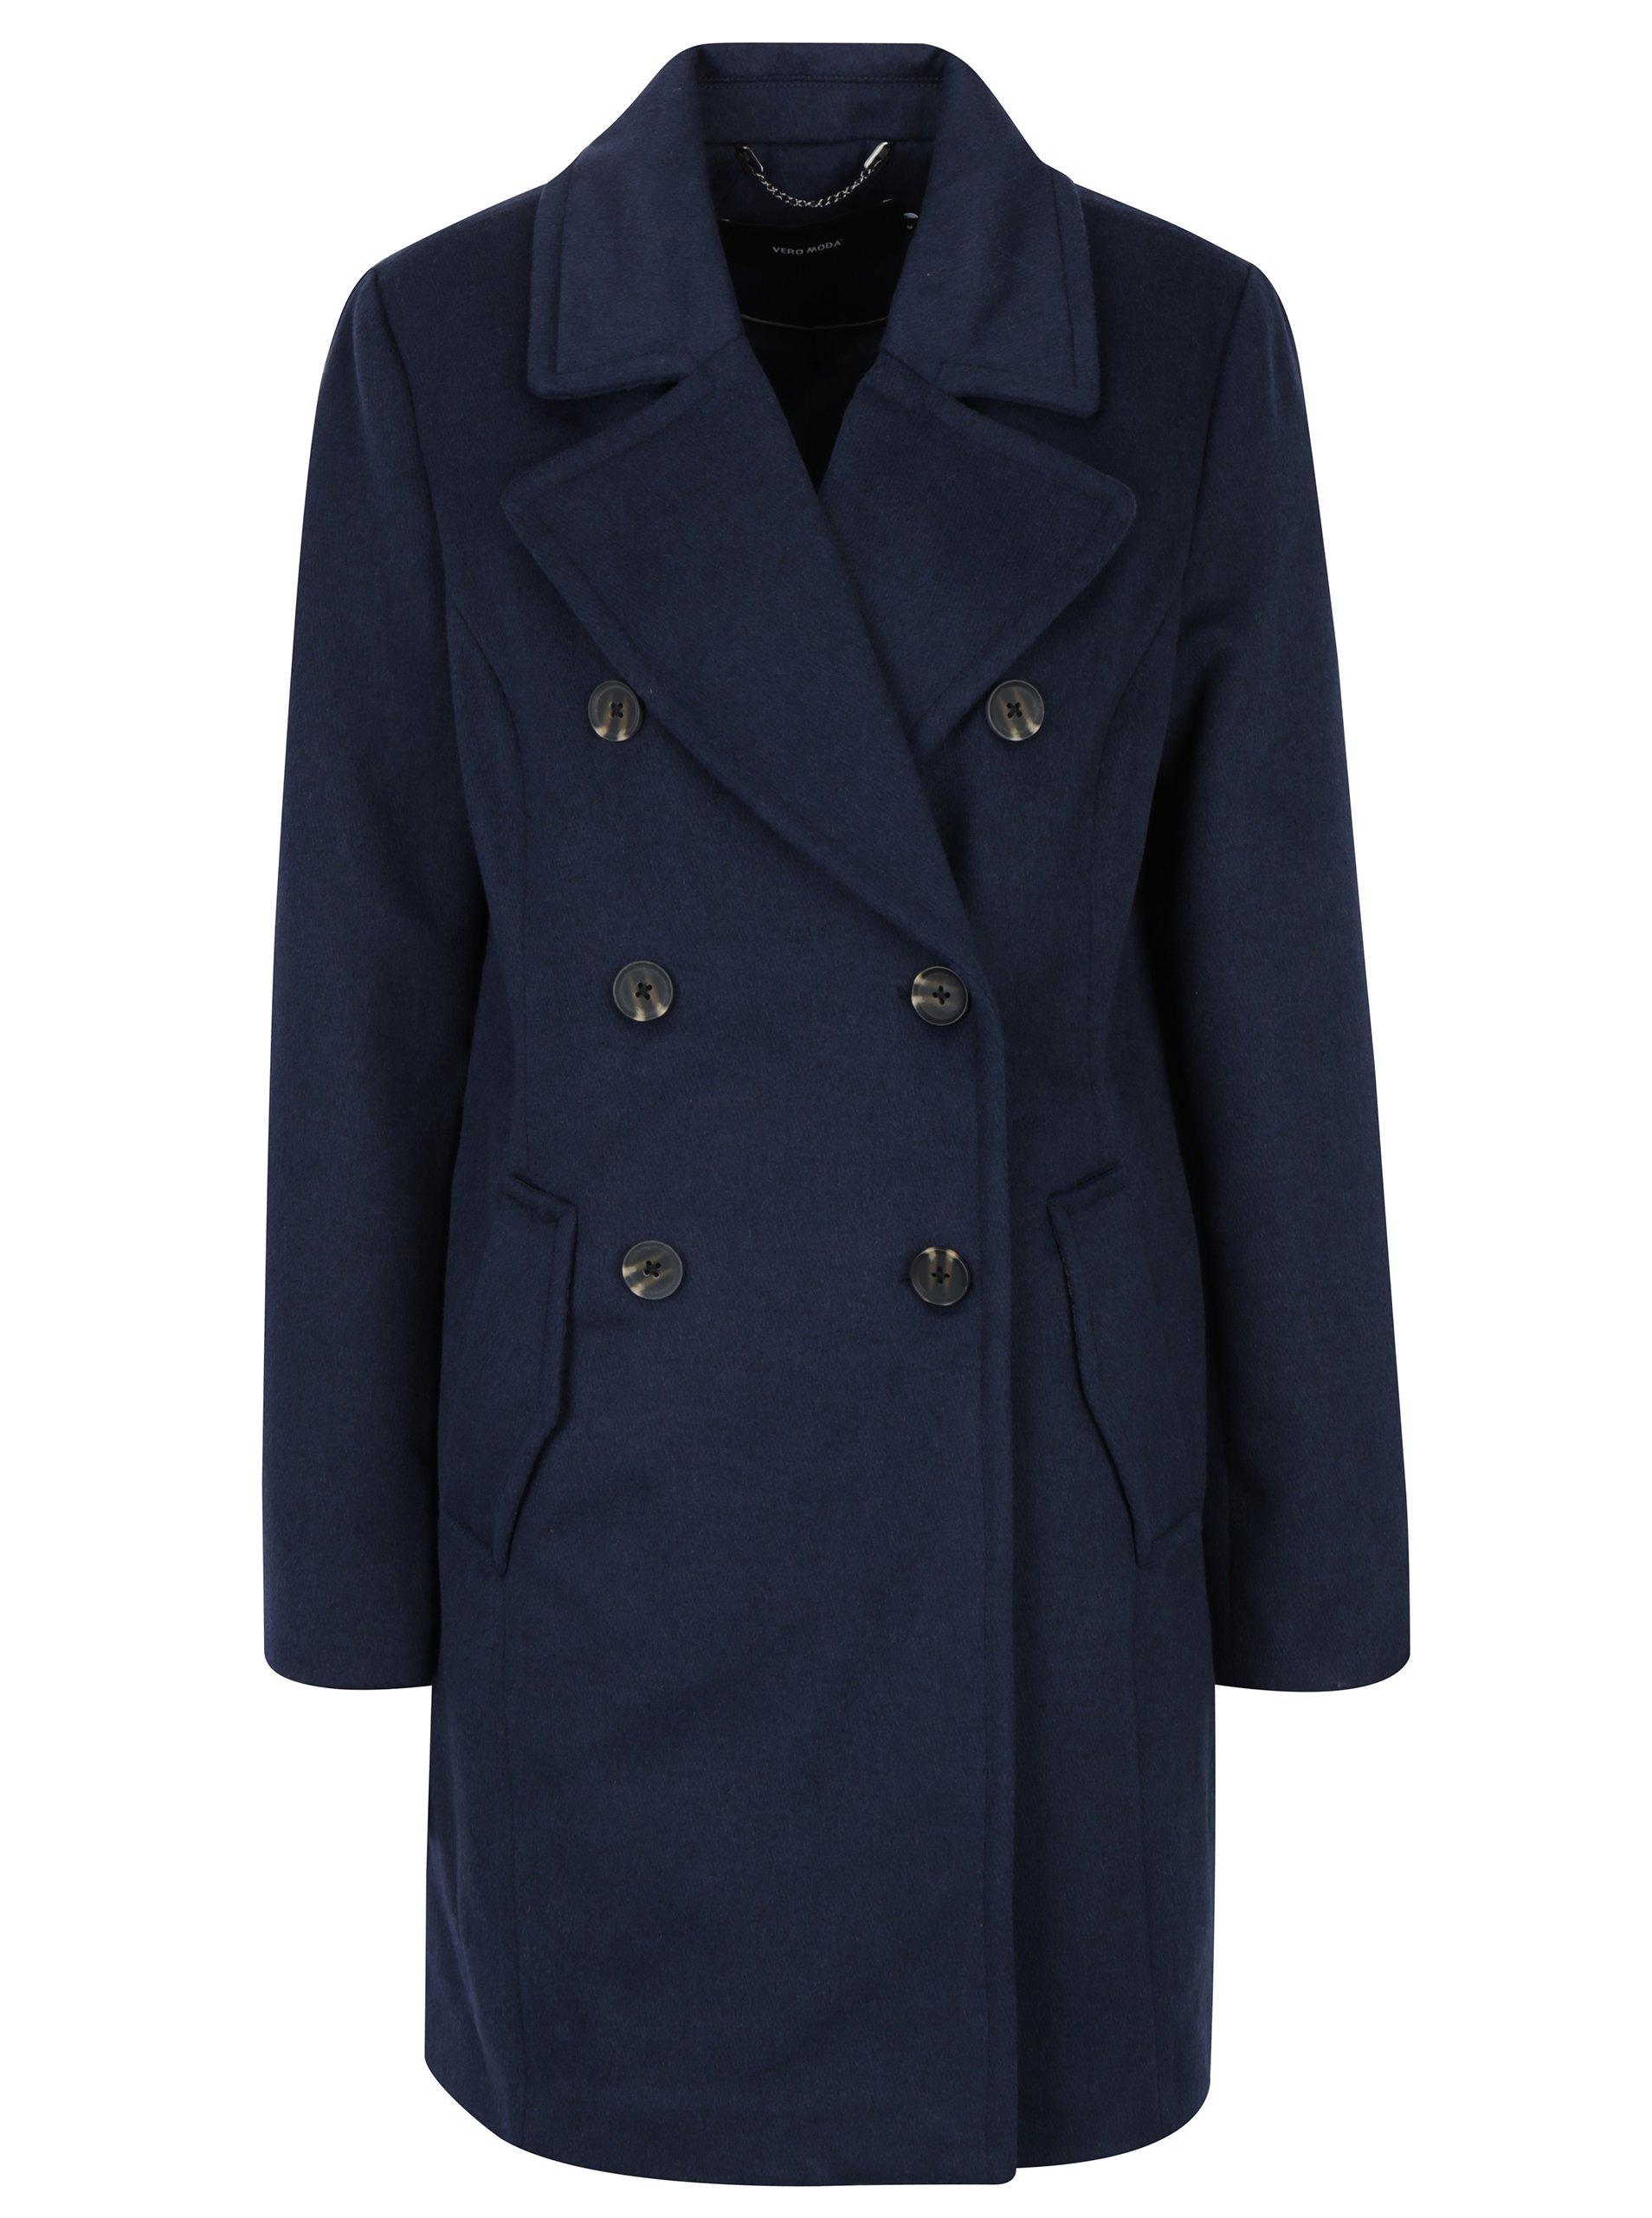 Tmavomodrý kabát s prímesou vlny VERO MODA Pisa  b715c674fe9